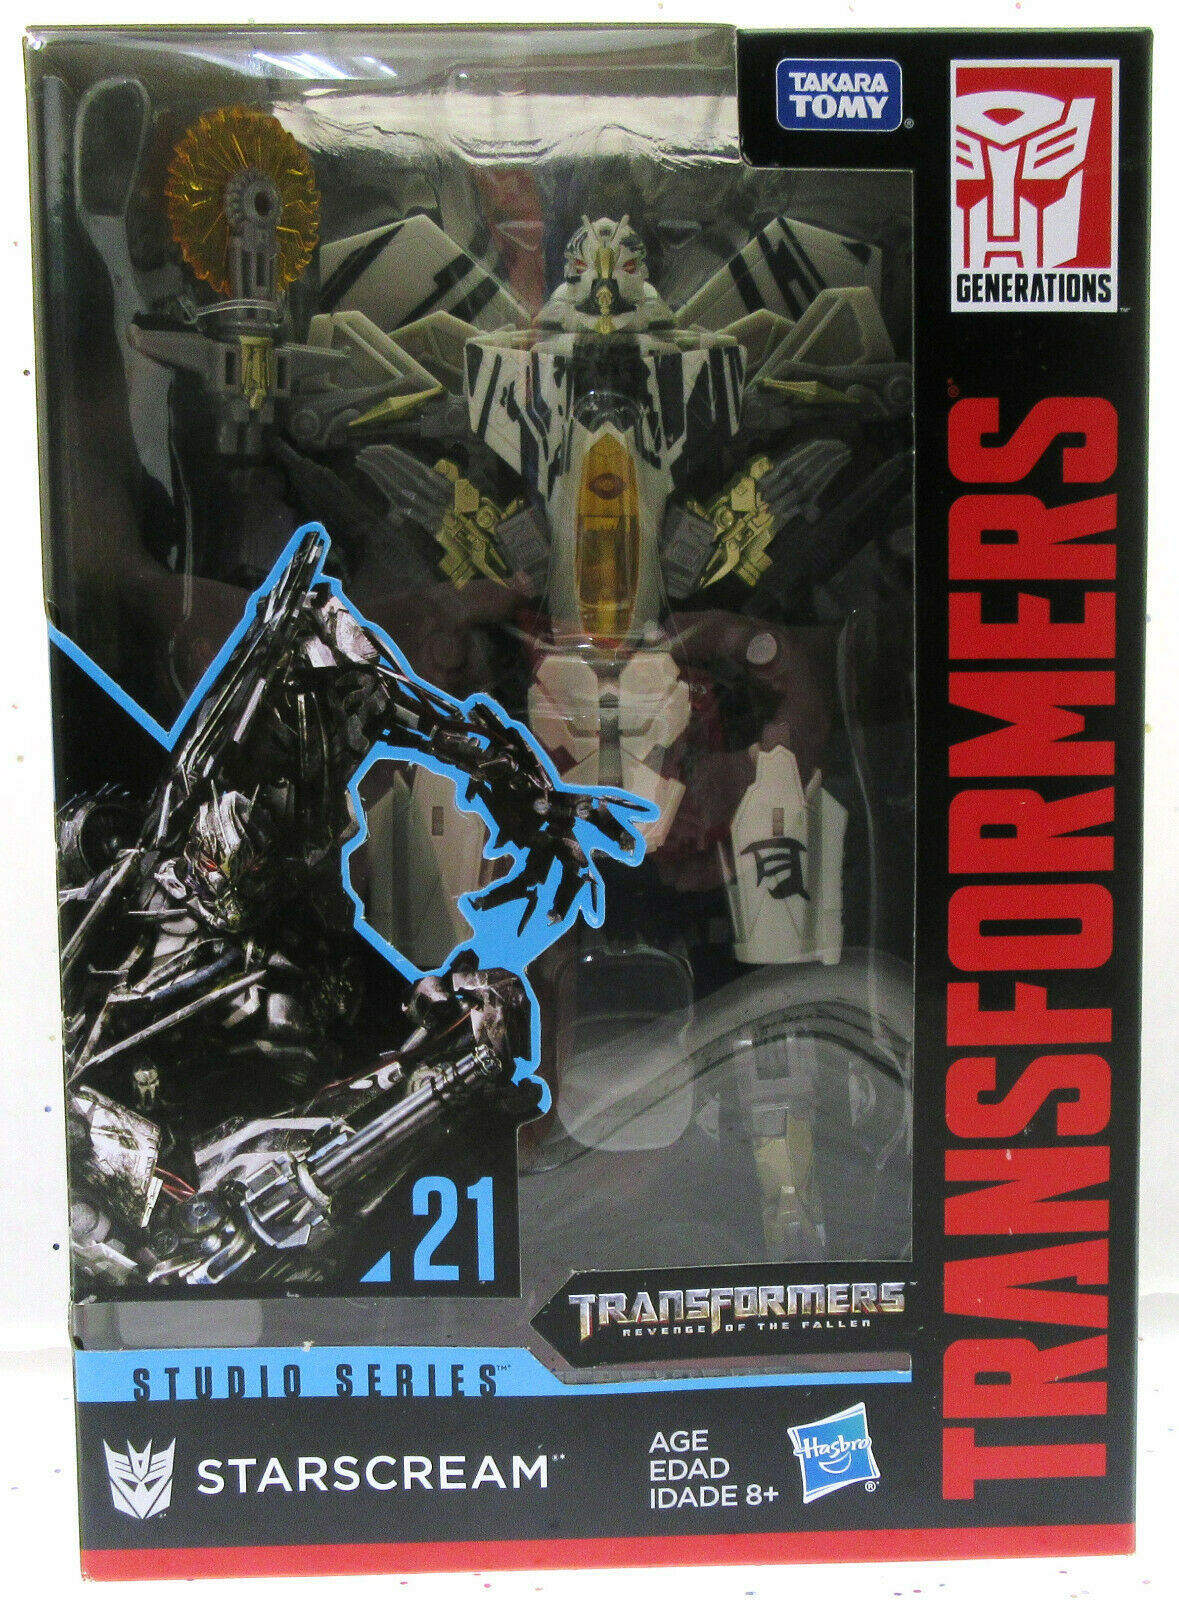 calidad fantástica Transformers Estrellacream Estrellacream Estrellacream 06 Estudio Serie Decepticon Hasbro  barato